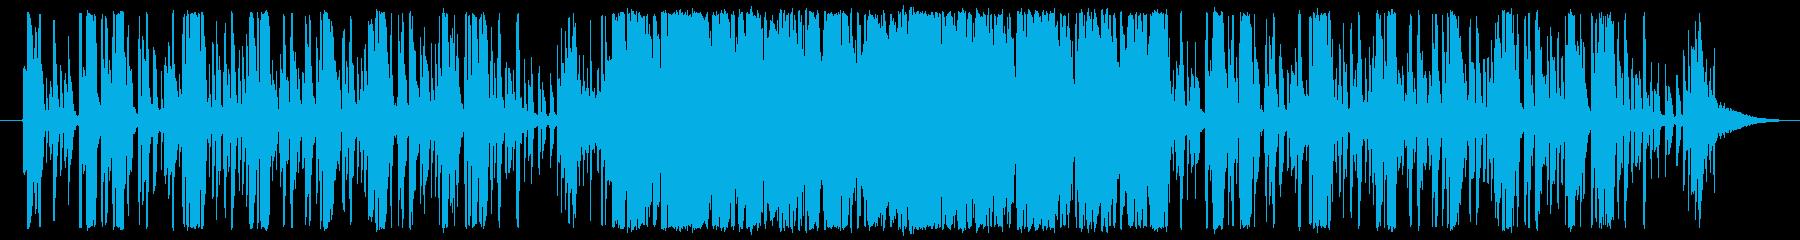 エレクトロピアノが印象的なジャズの再生済みの波形